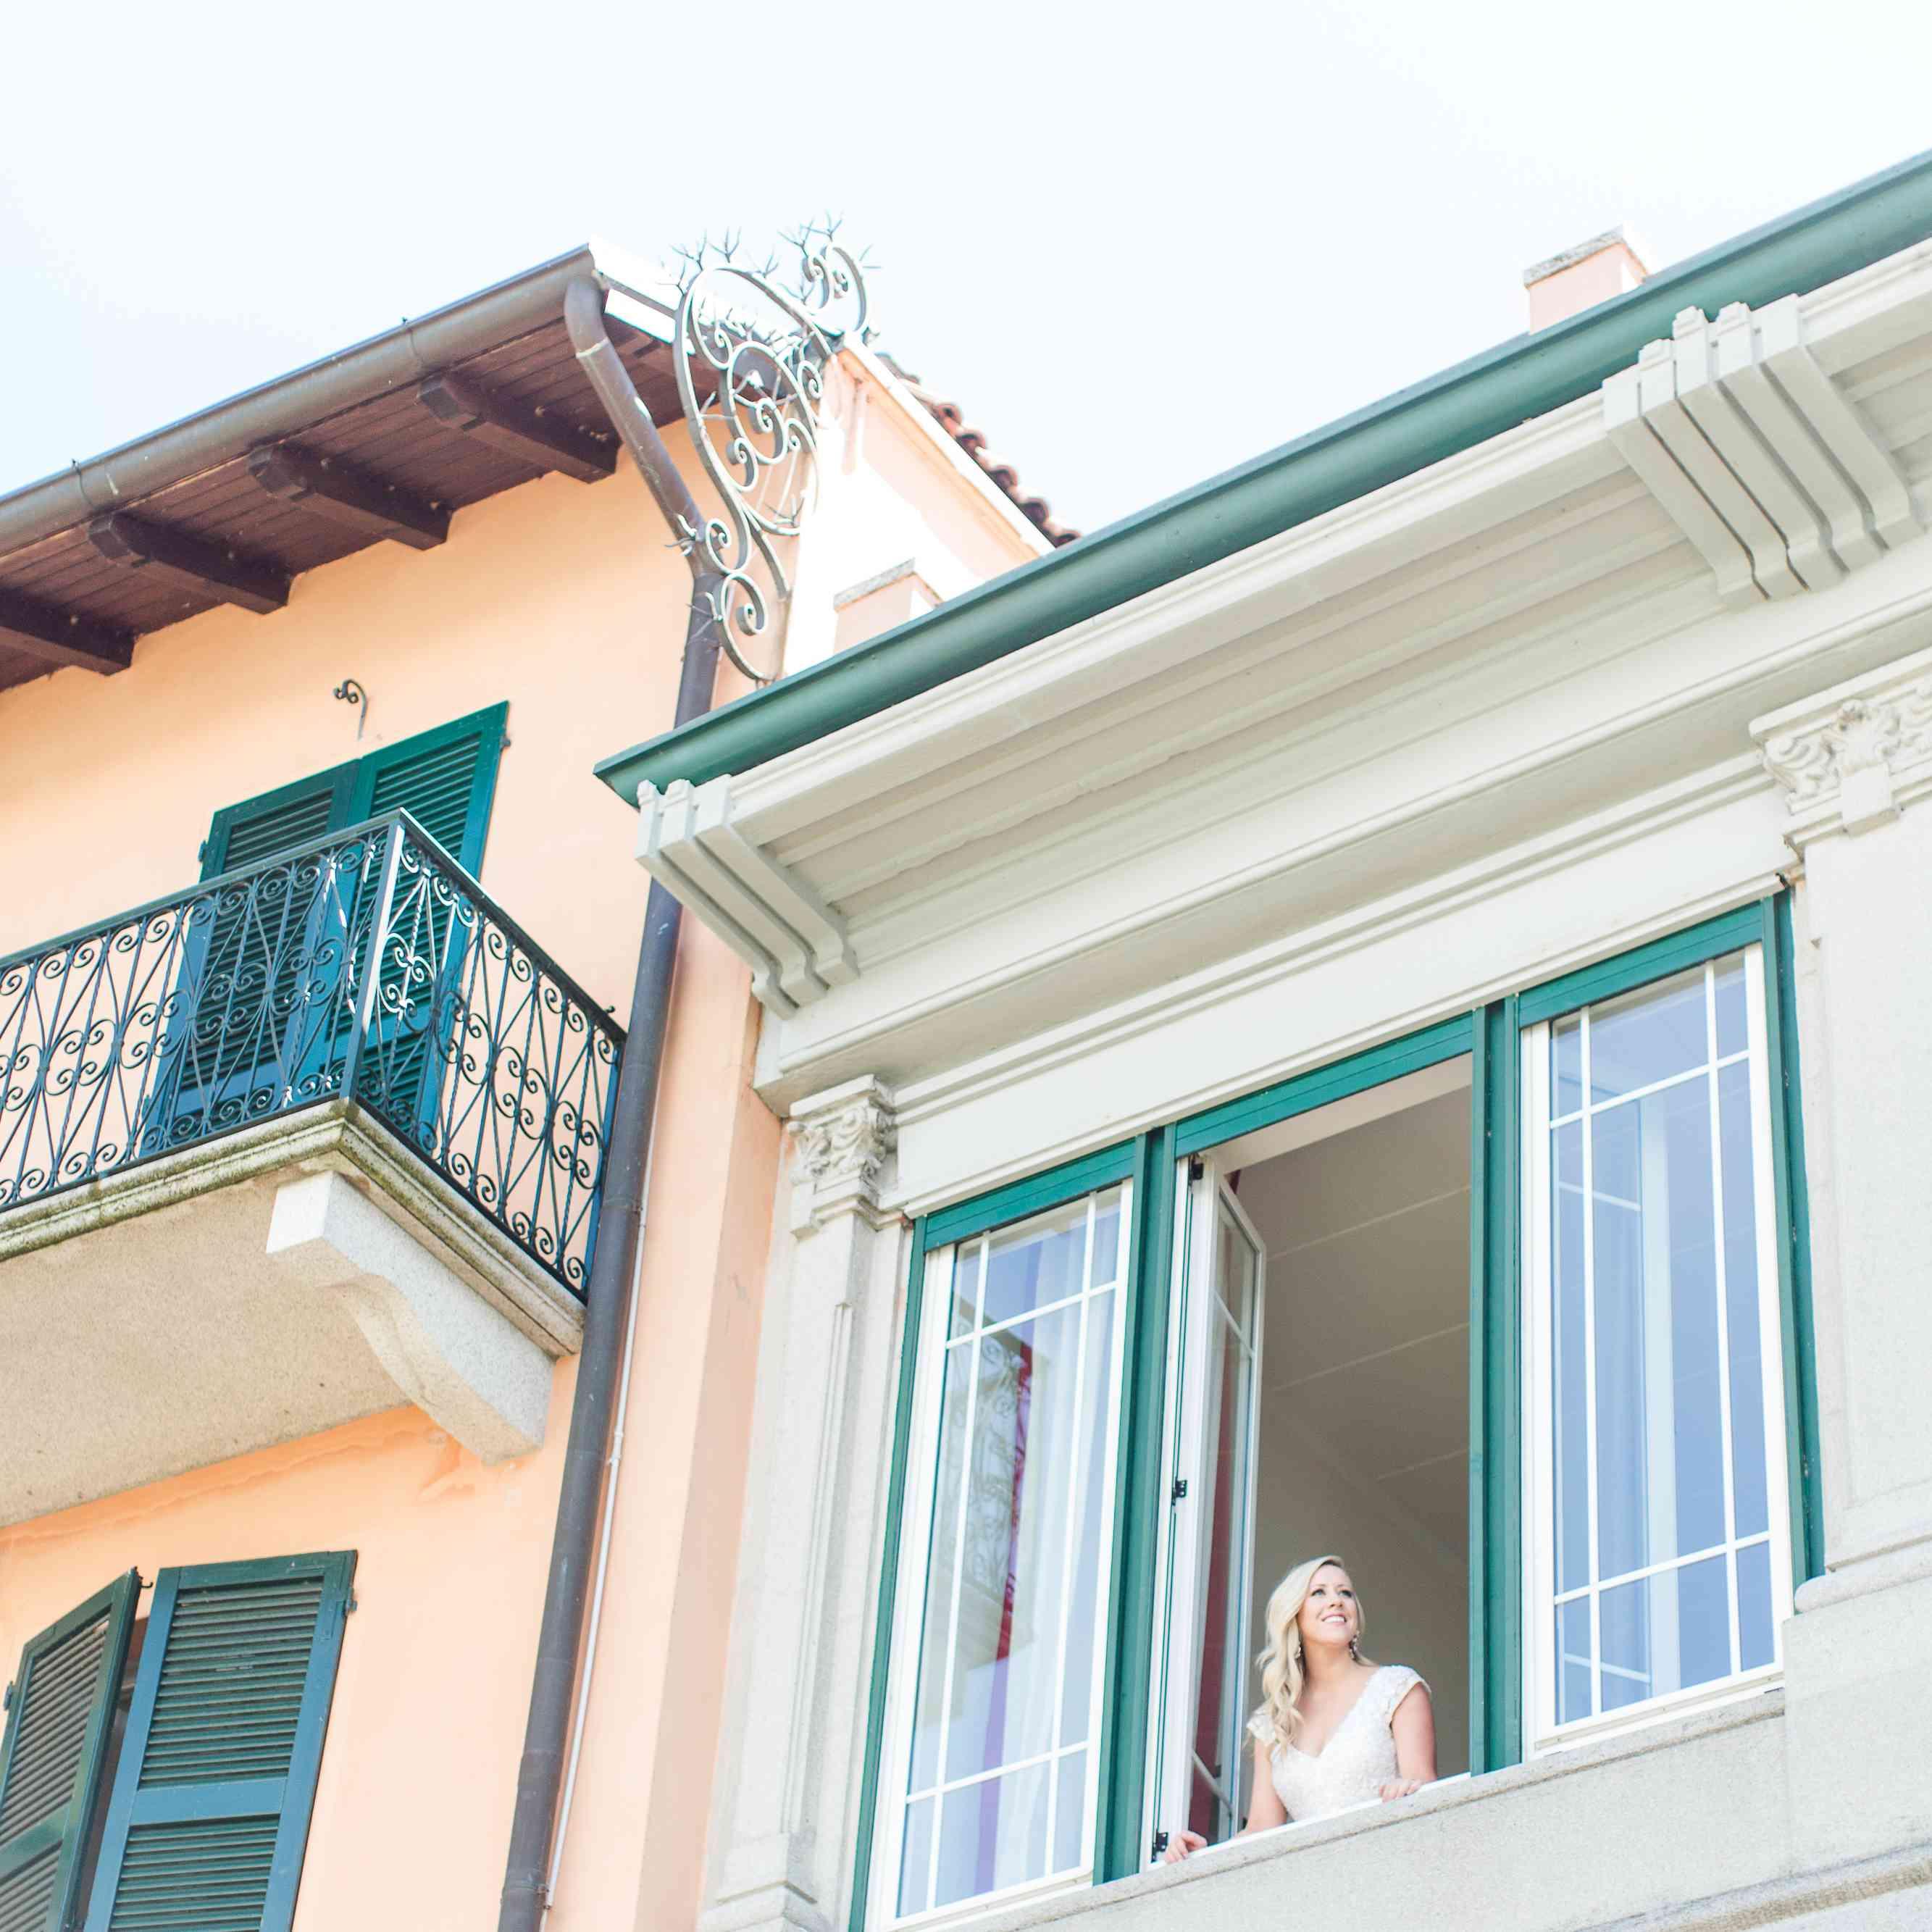 <p>Bride in window</p><br><br>